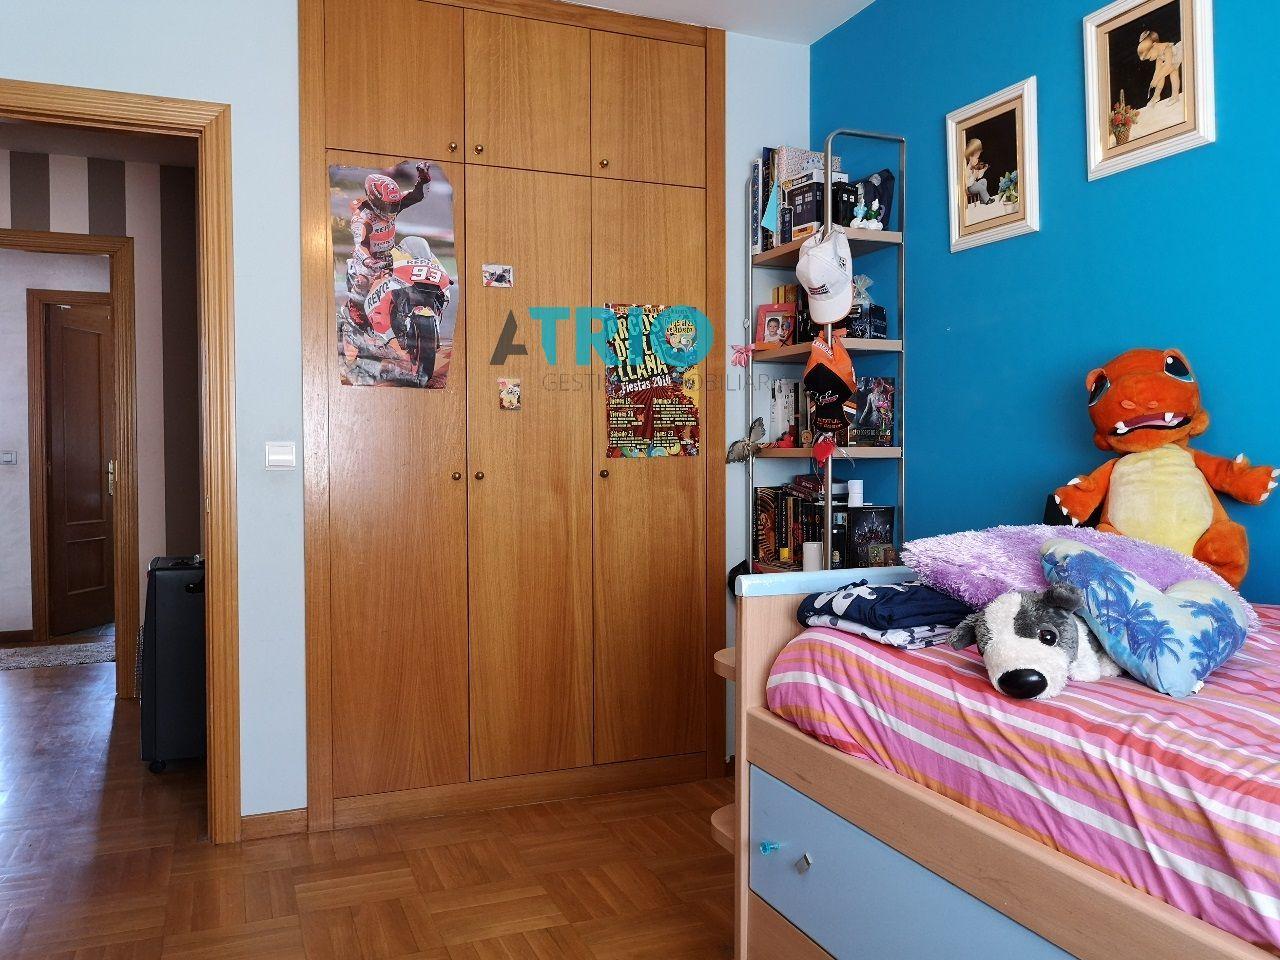 dia.mobiliagestion.es/Portals/inmoatrio/Images/5829/2988567